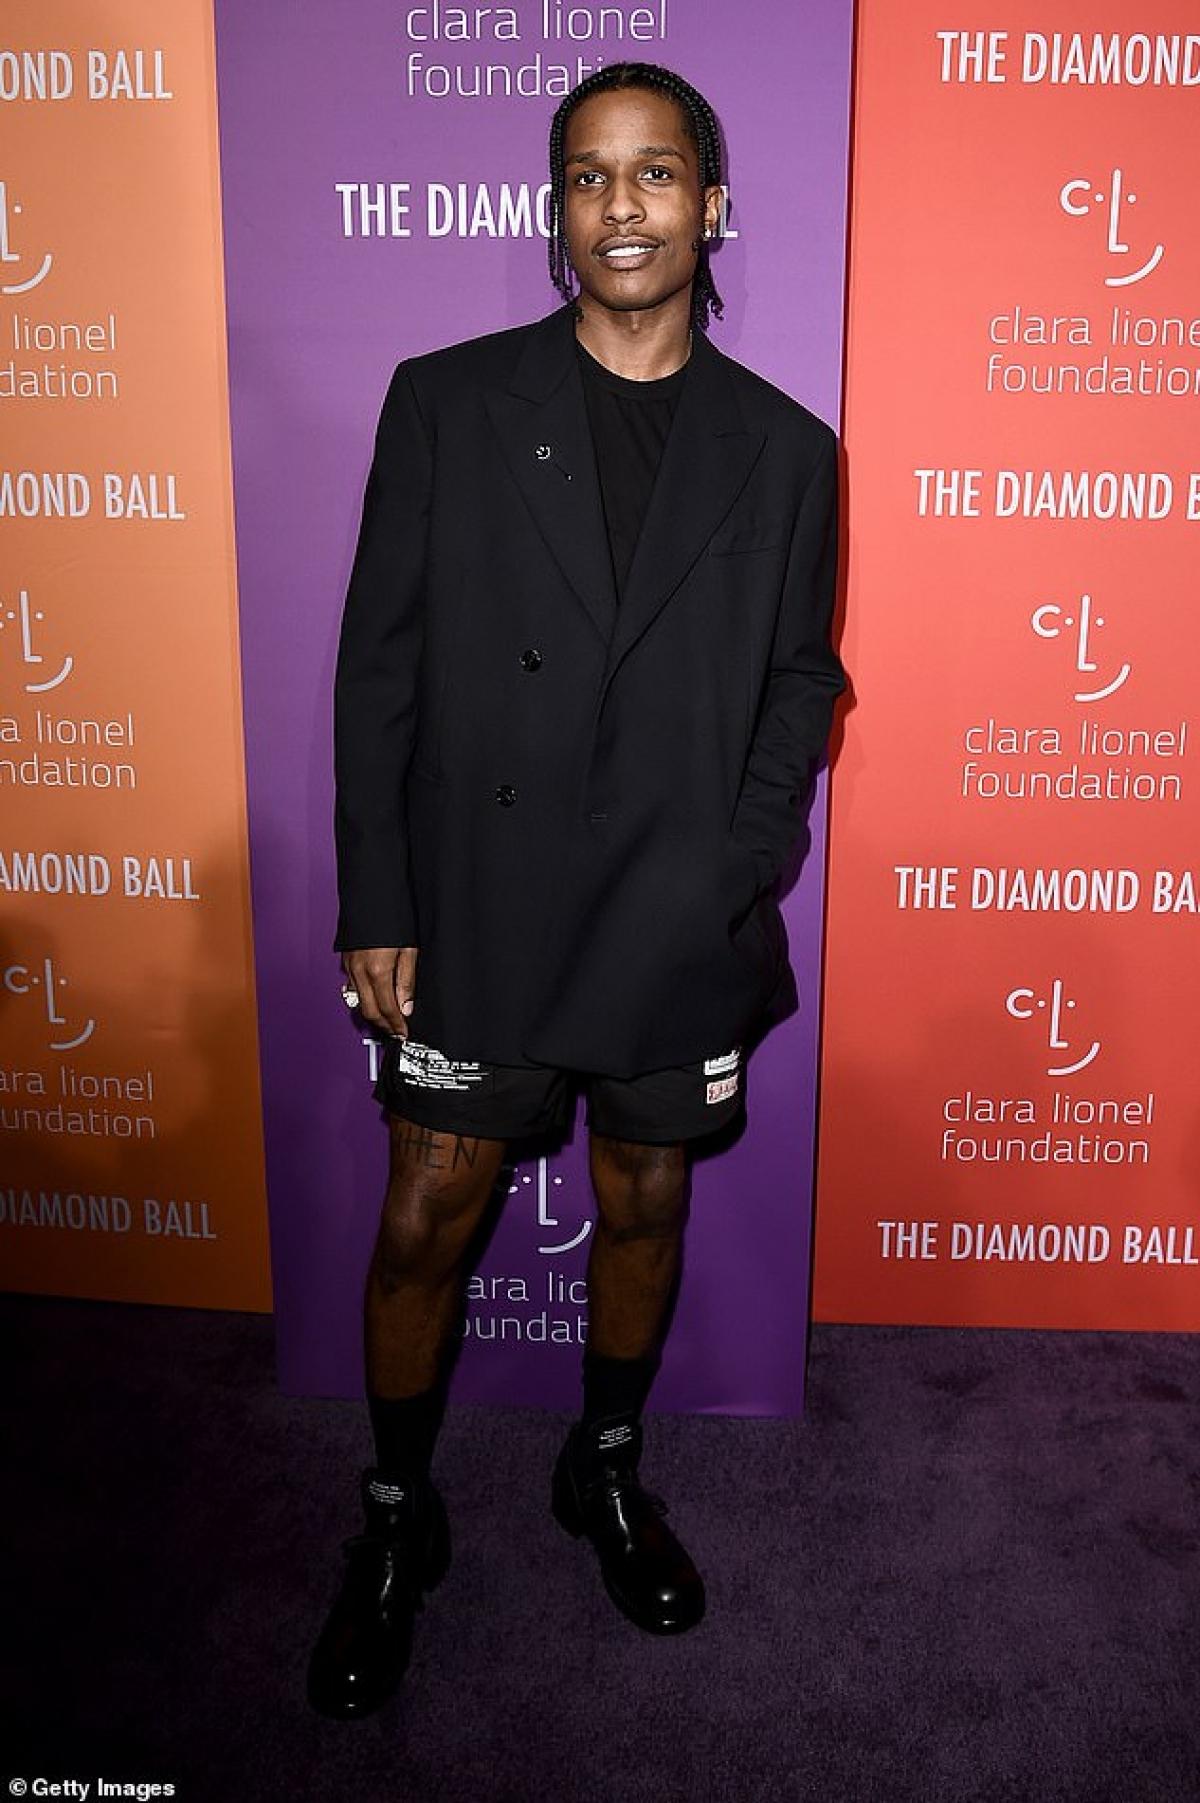 A$AP Rocky được cho là đang hẹn hò Rihanna sau khi cả hai bị cánh săn ảnh bắt gặp sánh đôi đi ăn tối cùng bạn bè ở New York hồi cuối năm ngoái.